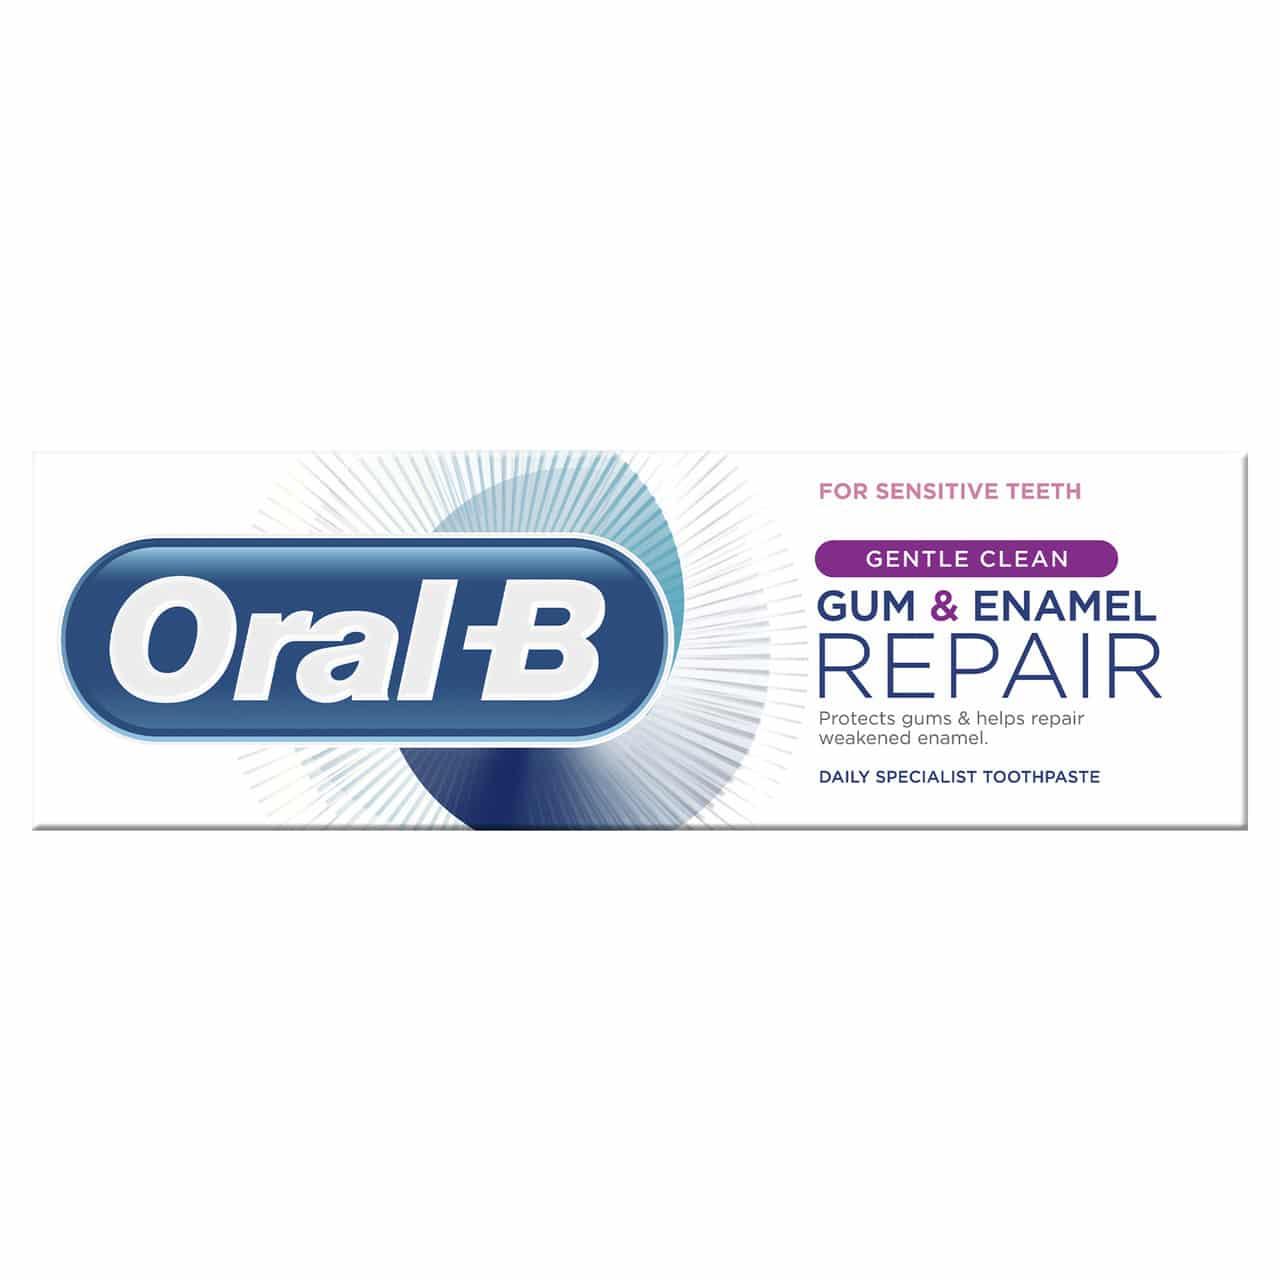 ORAL B TOOTHPASTE GUM & ENAMEL SENSITIVE REPAIR GENTLE CLEAN (75ML)